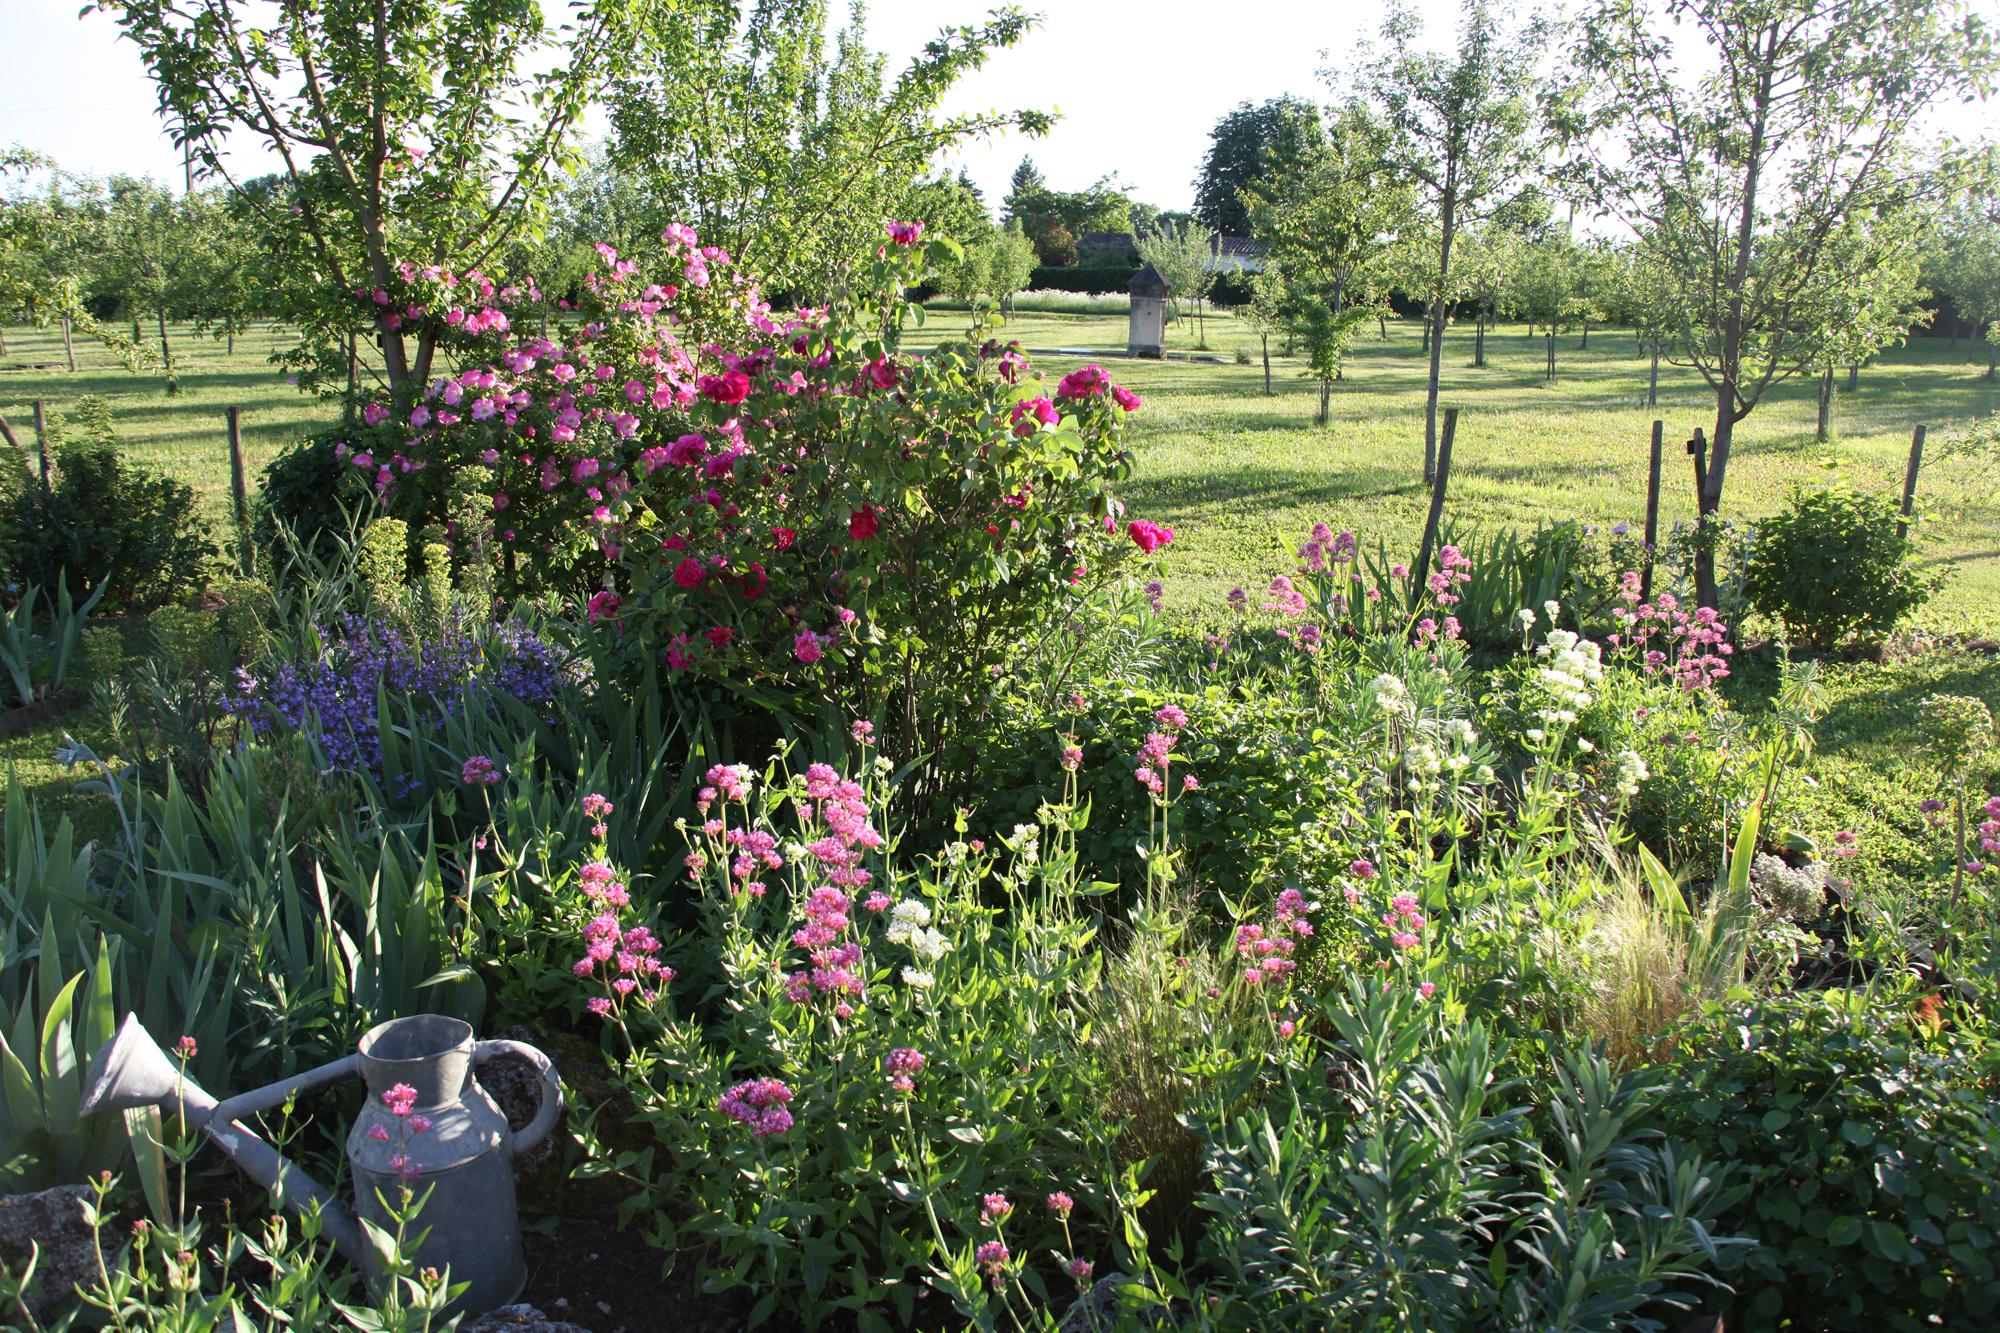 L t au jardin article paru dans le bufarot n 14 for Article jardin